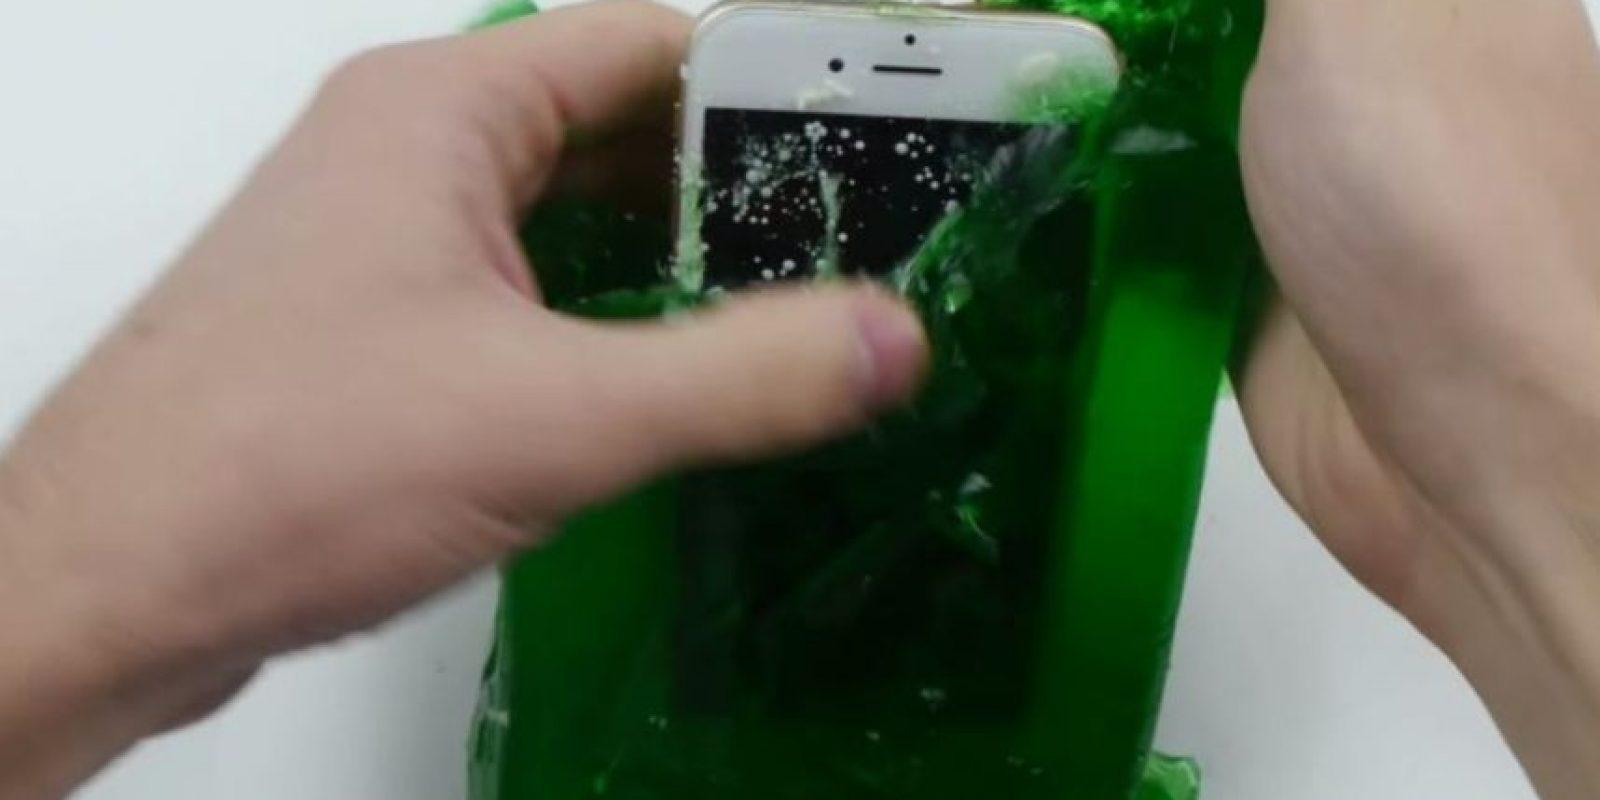 7- Fue dejado 24 horas con gelatina. Resistió. Foto:TechRax / YouTube